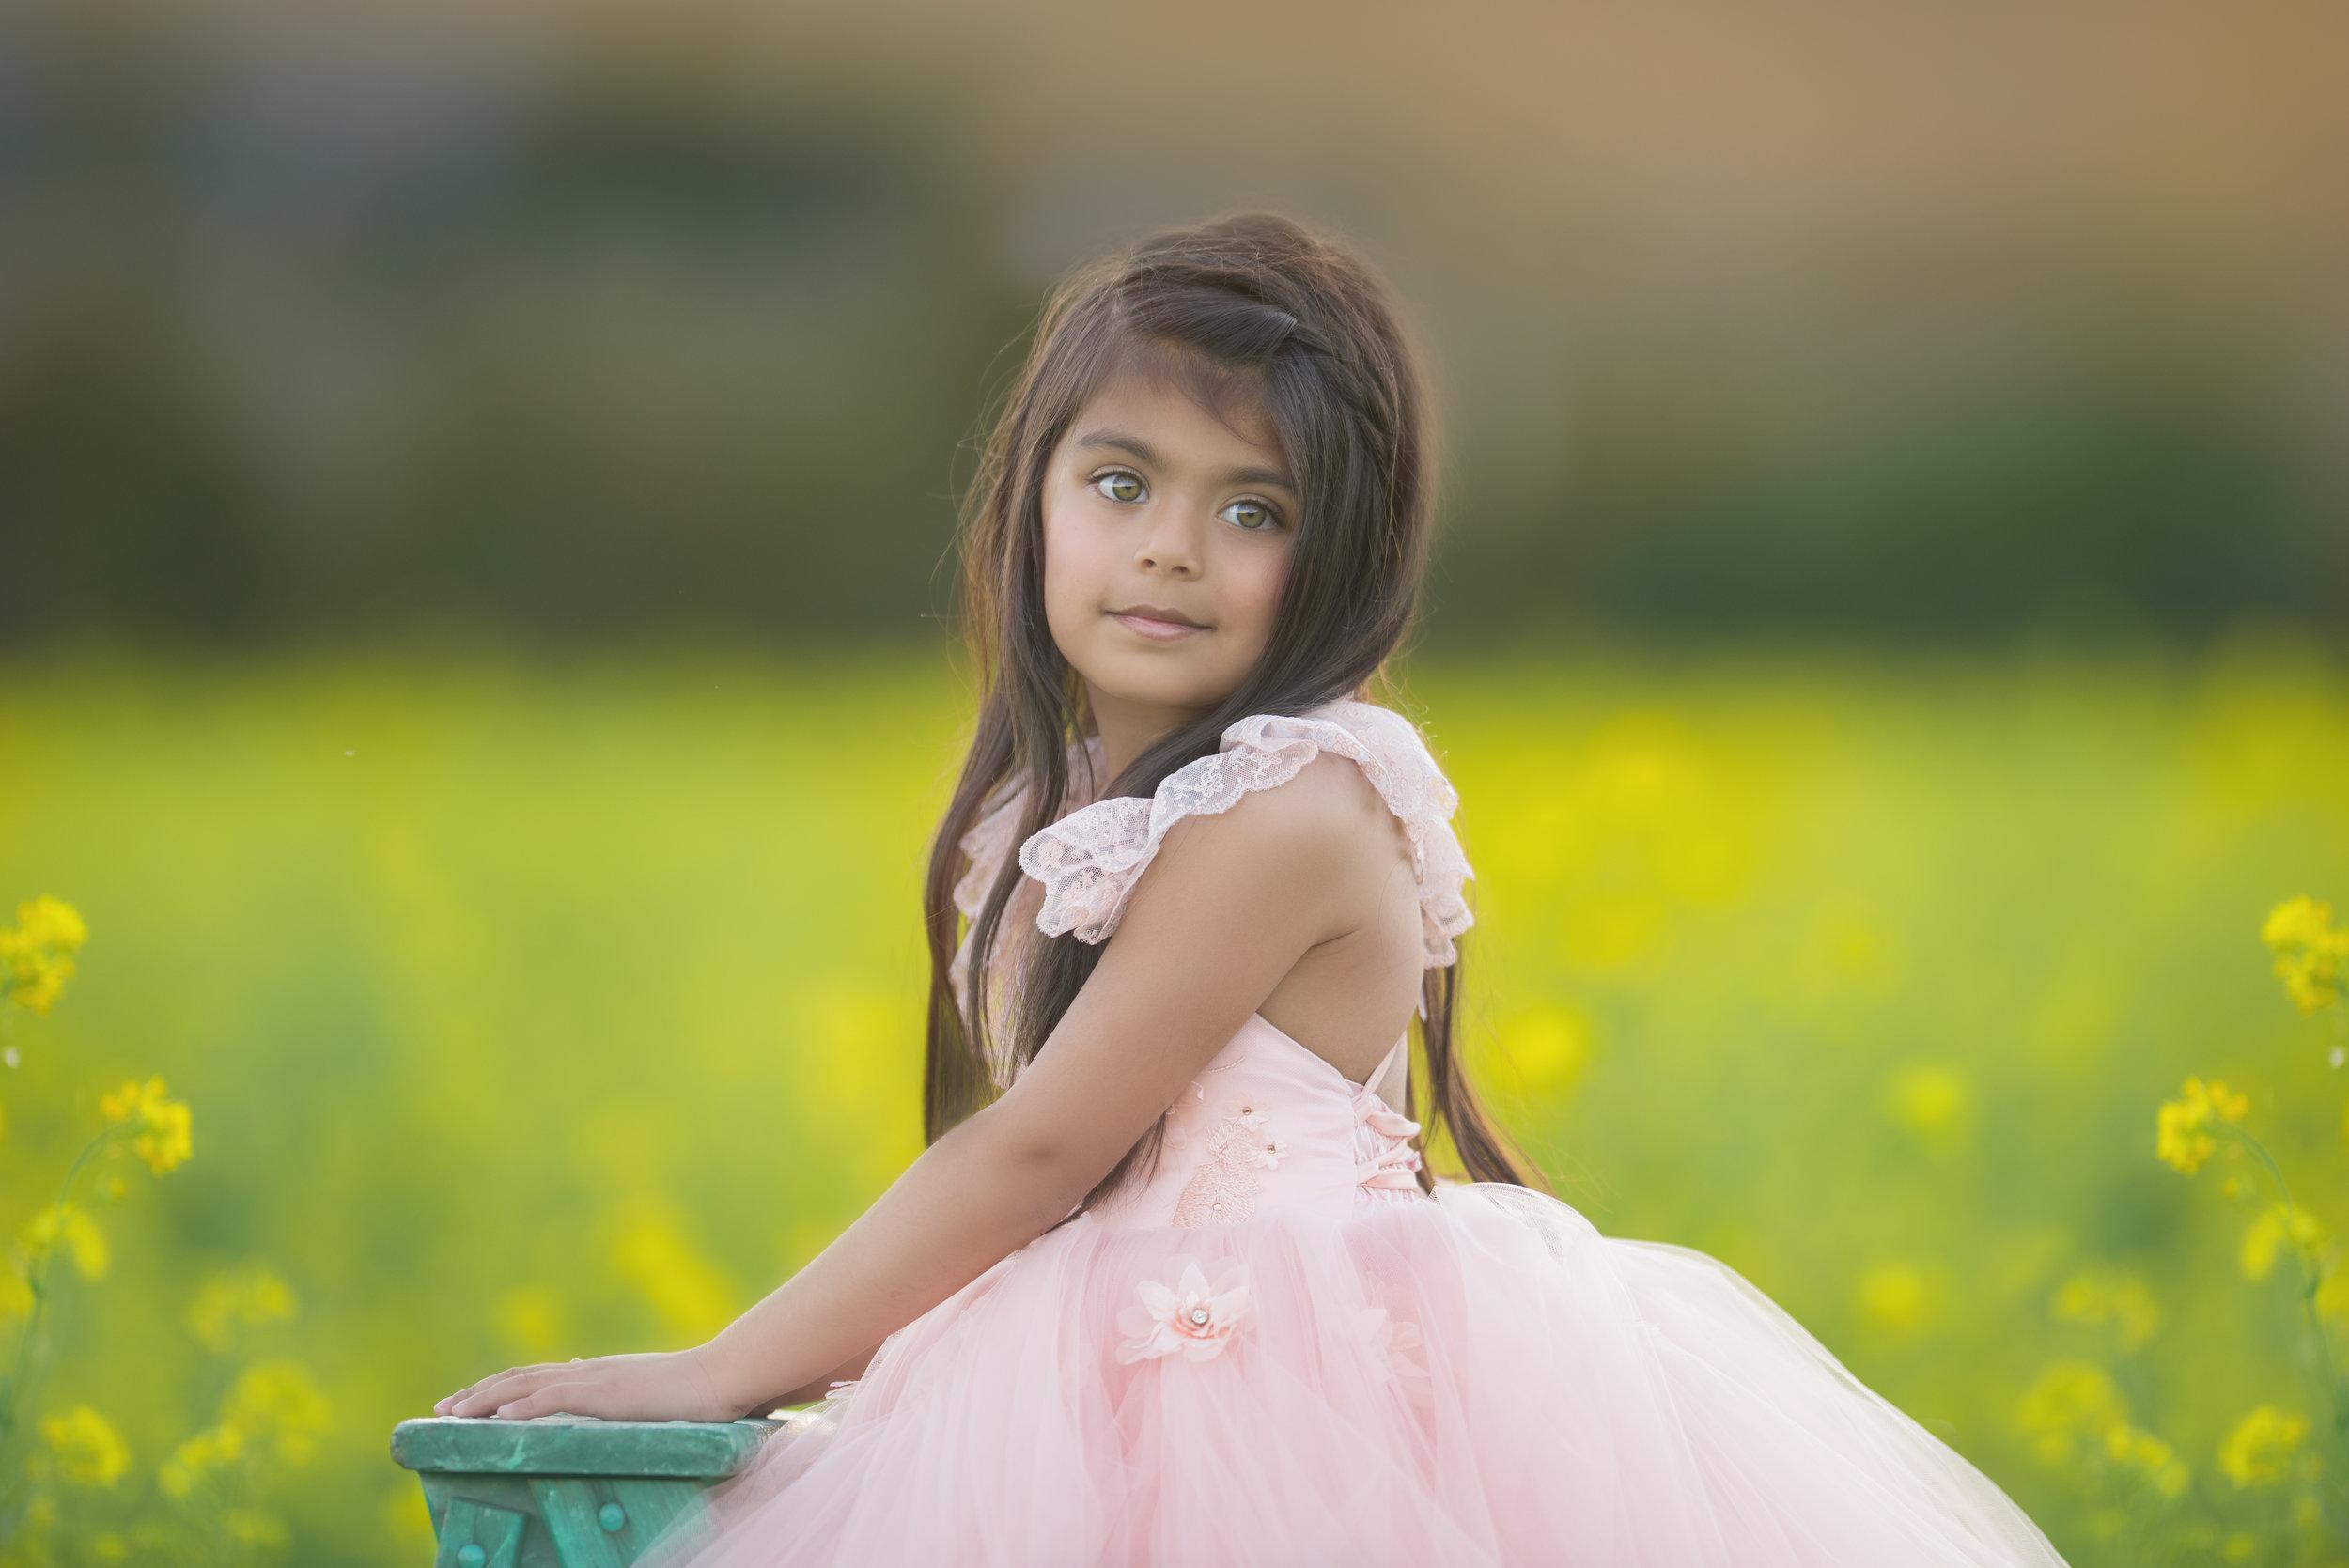 Neera 1-Angelika Mitchell Photography (1 of 1).jpg